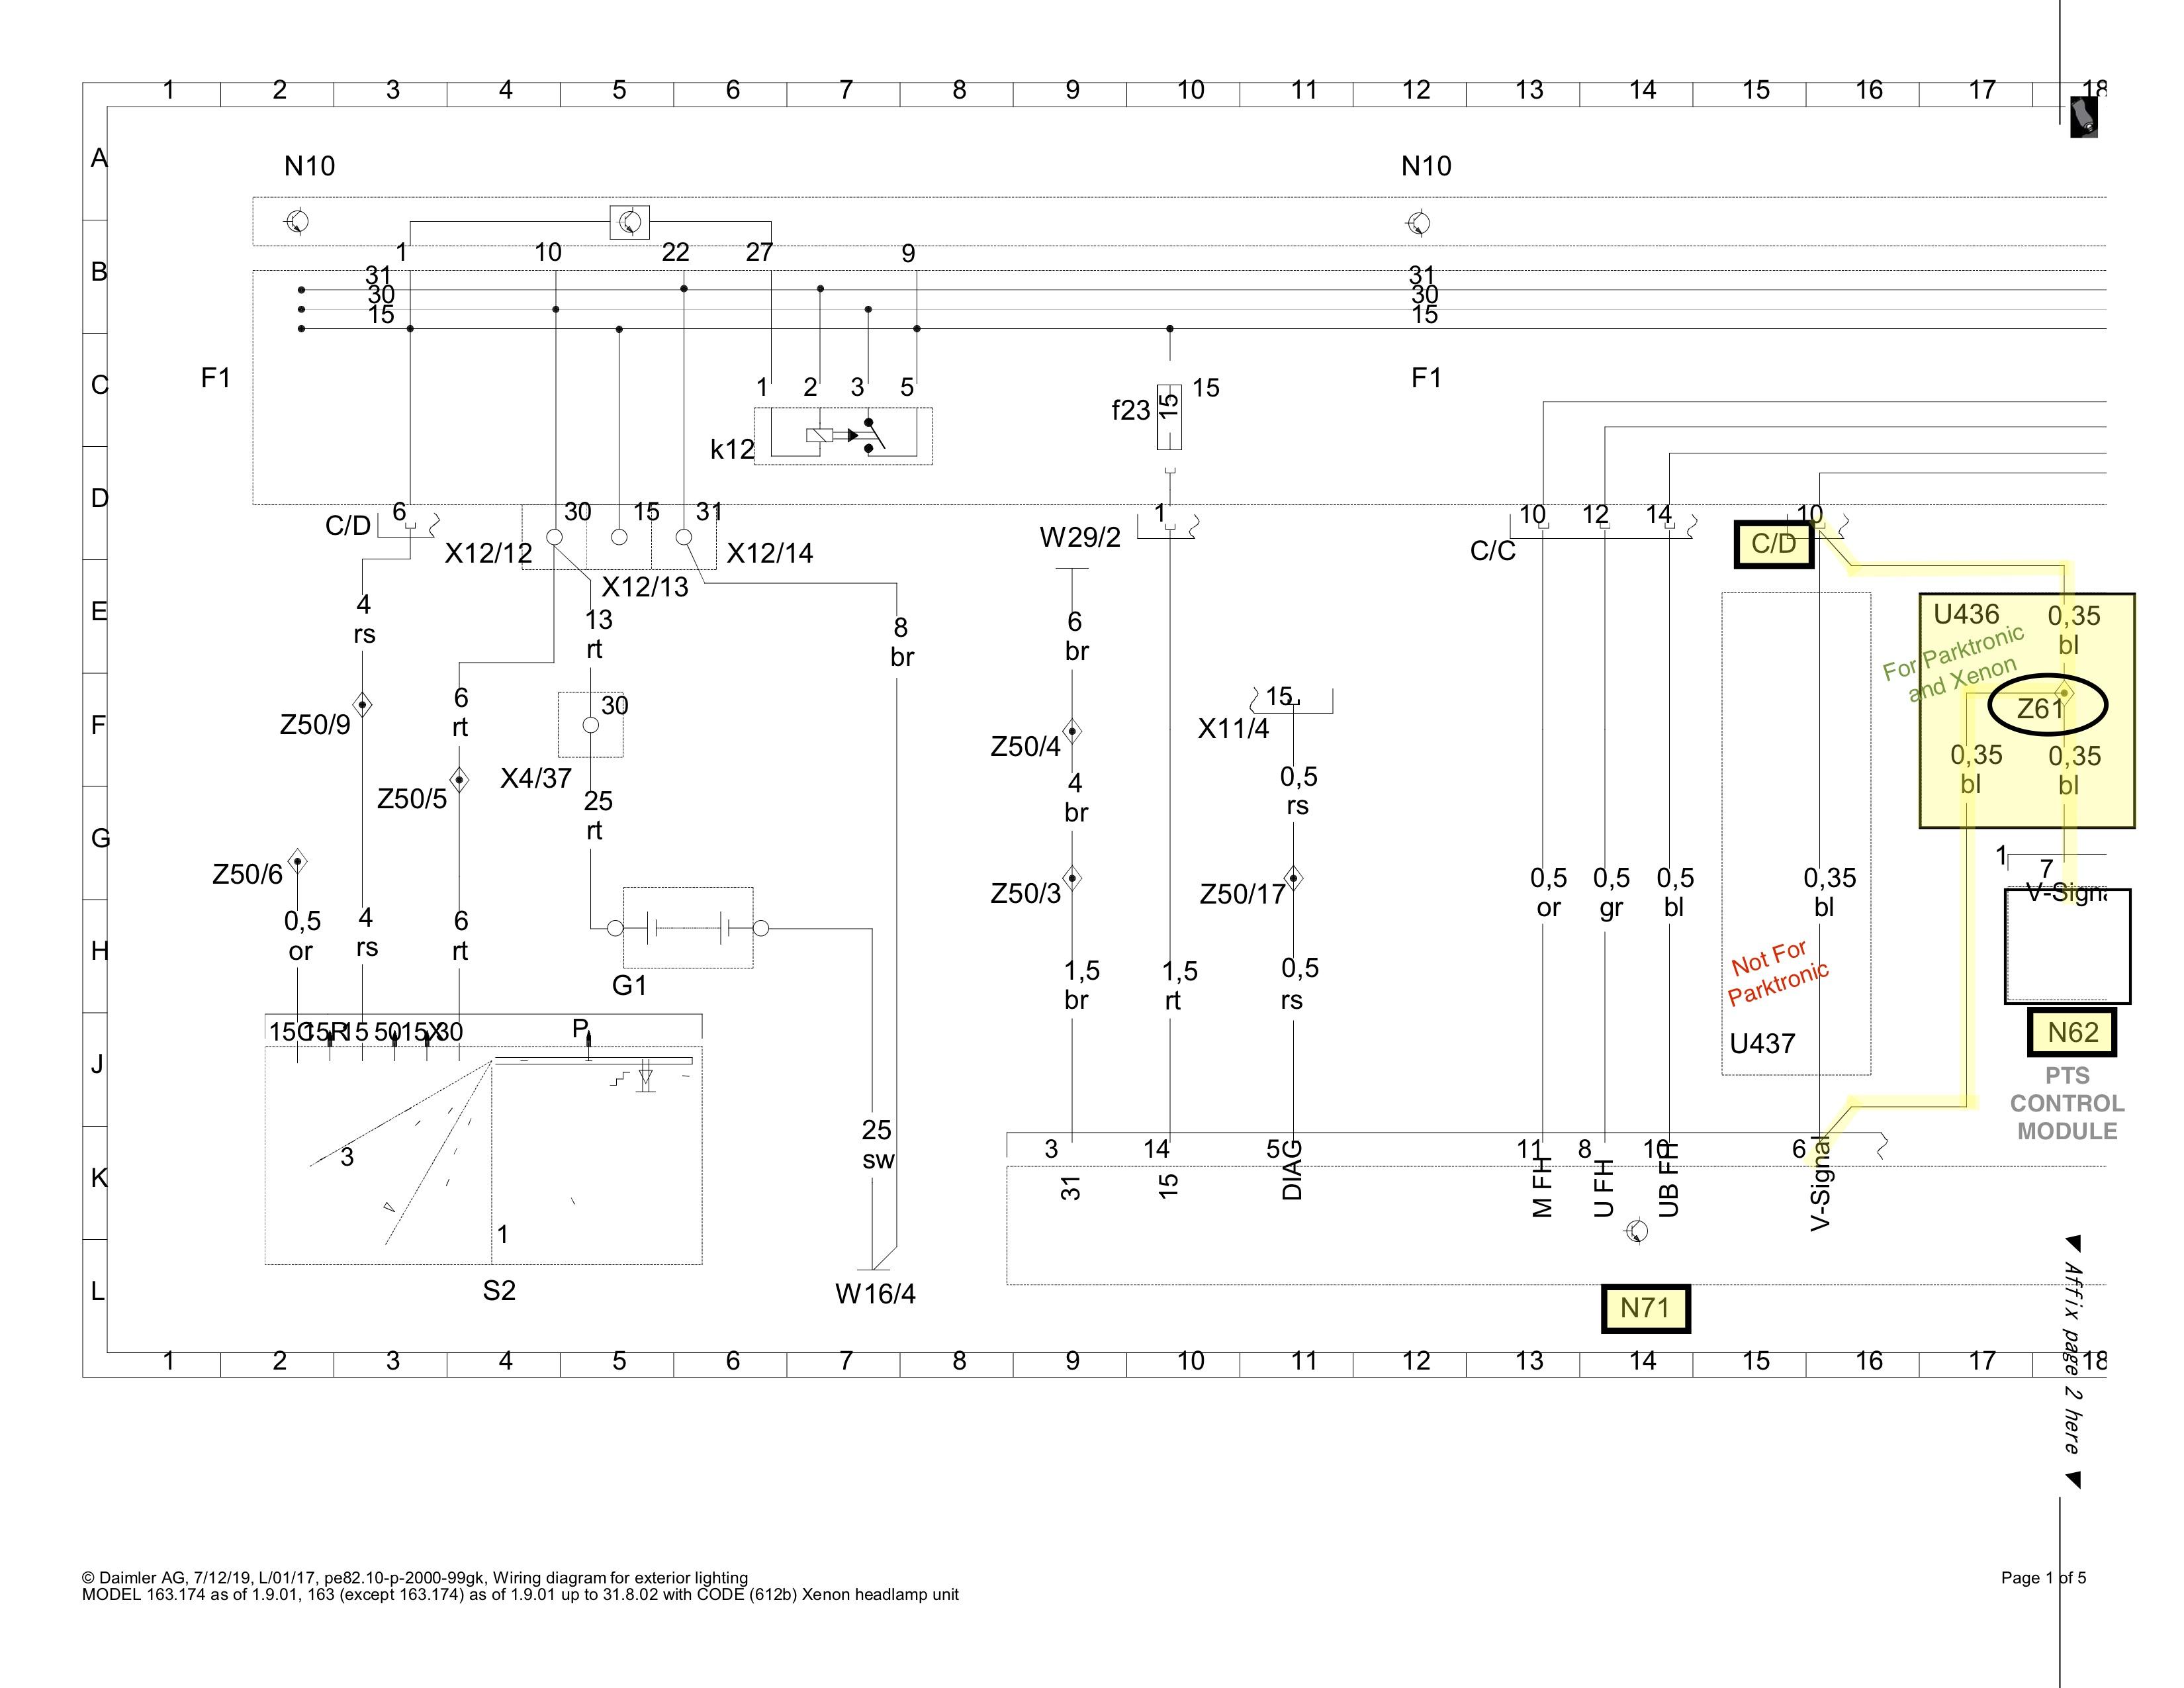 wiring diagram help request : parktronic & xenon | mercedes-benz forum  benzworld.org